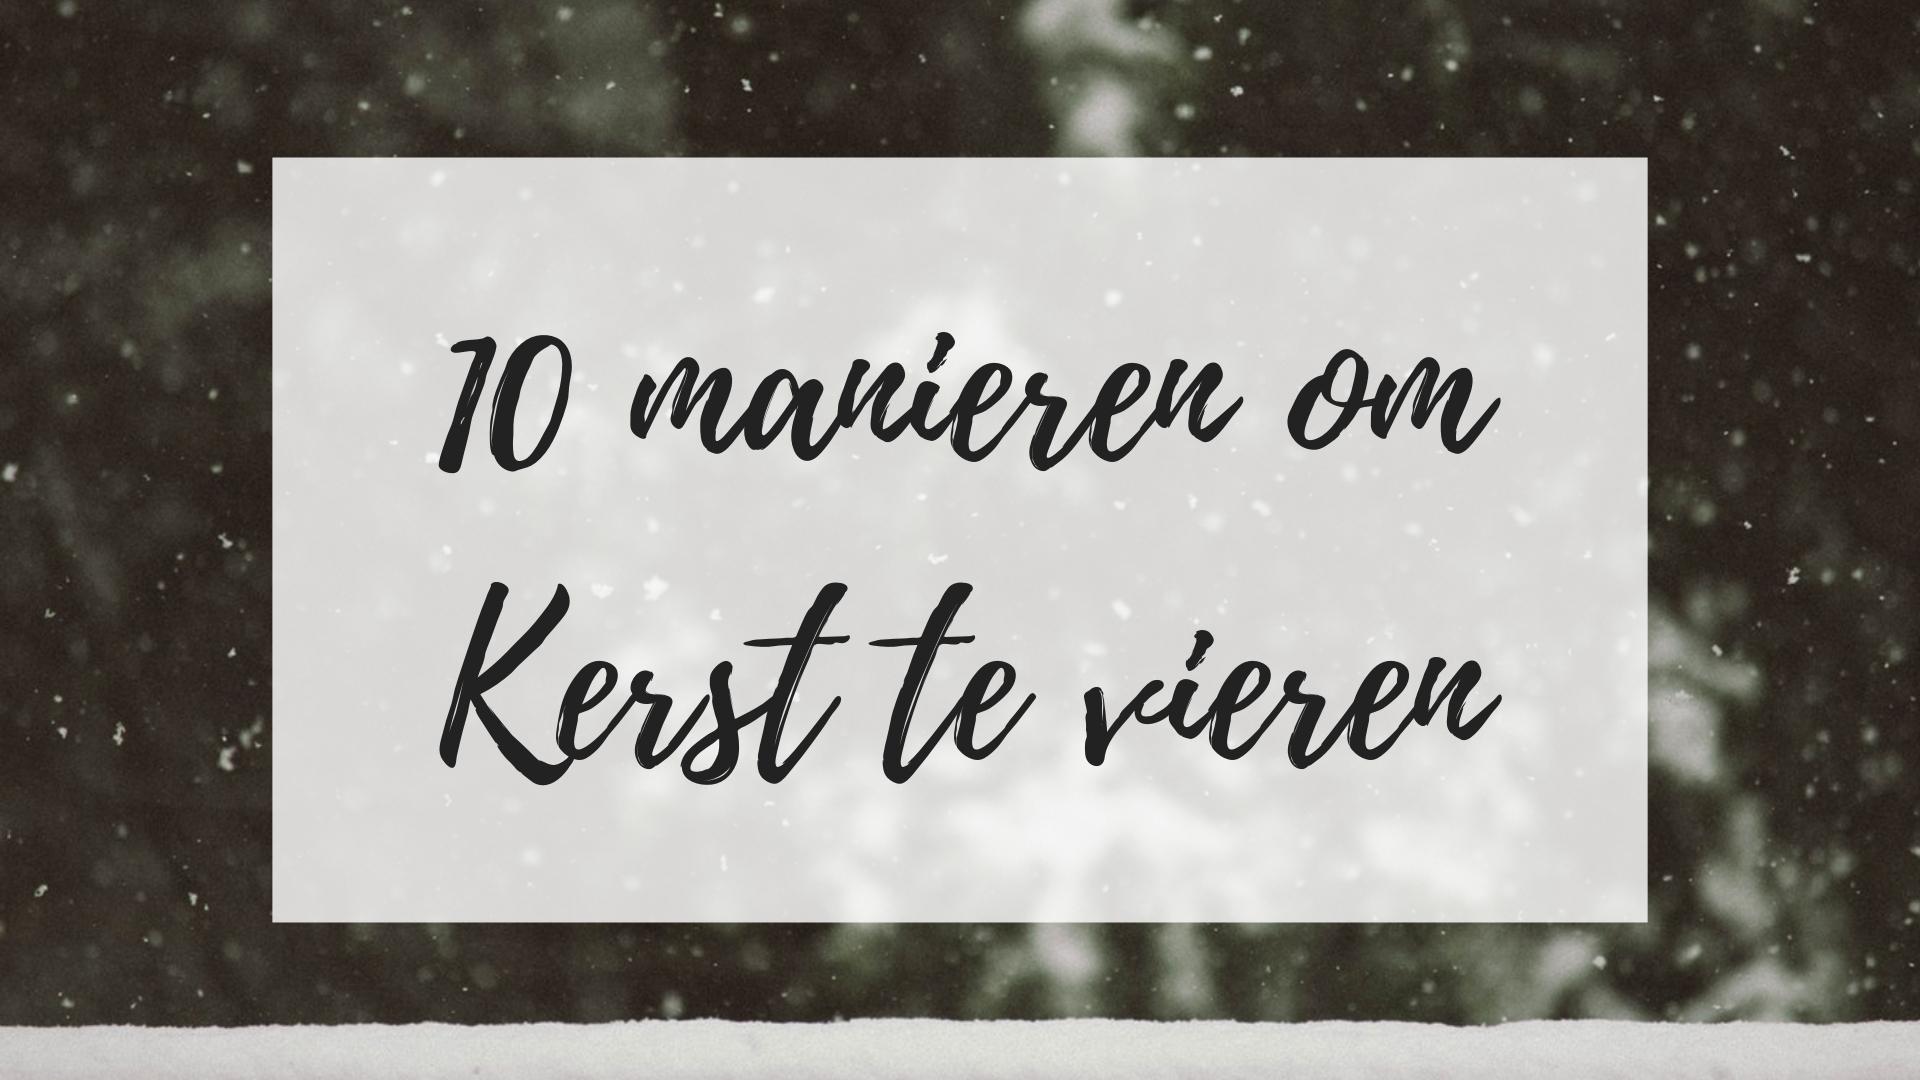 10 manieren om kerst te vieren